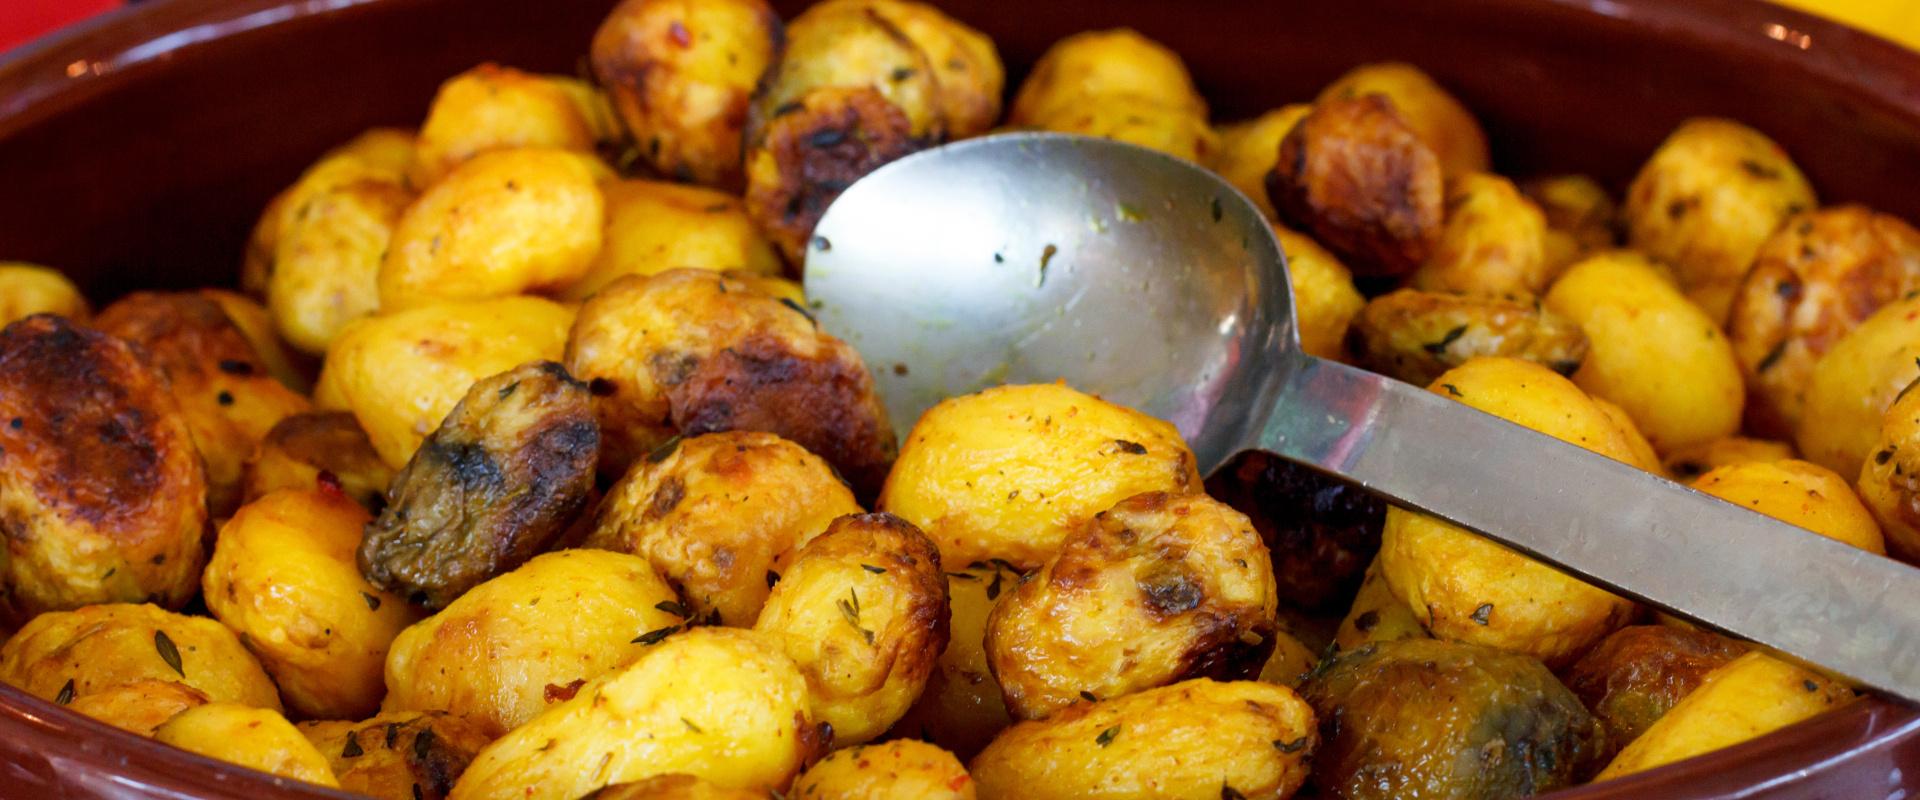 újkrumpli sóval és ecettel sütve cover